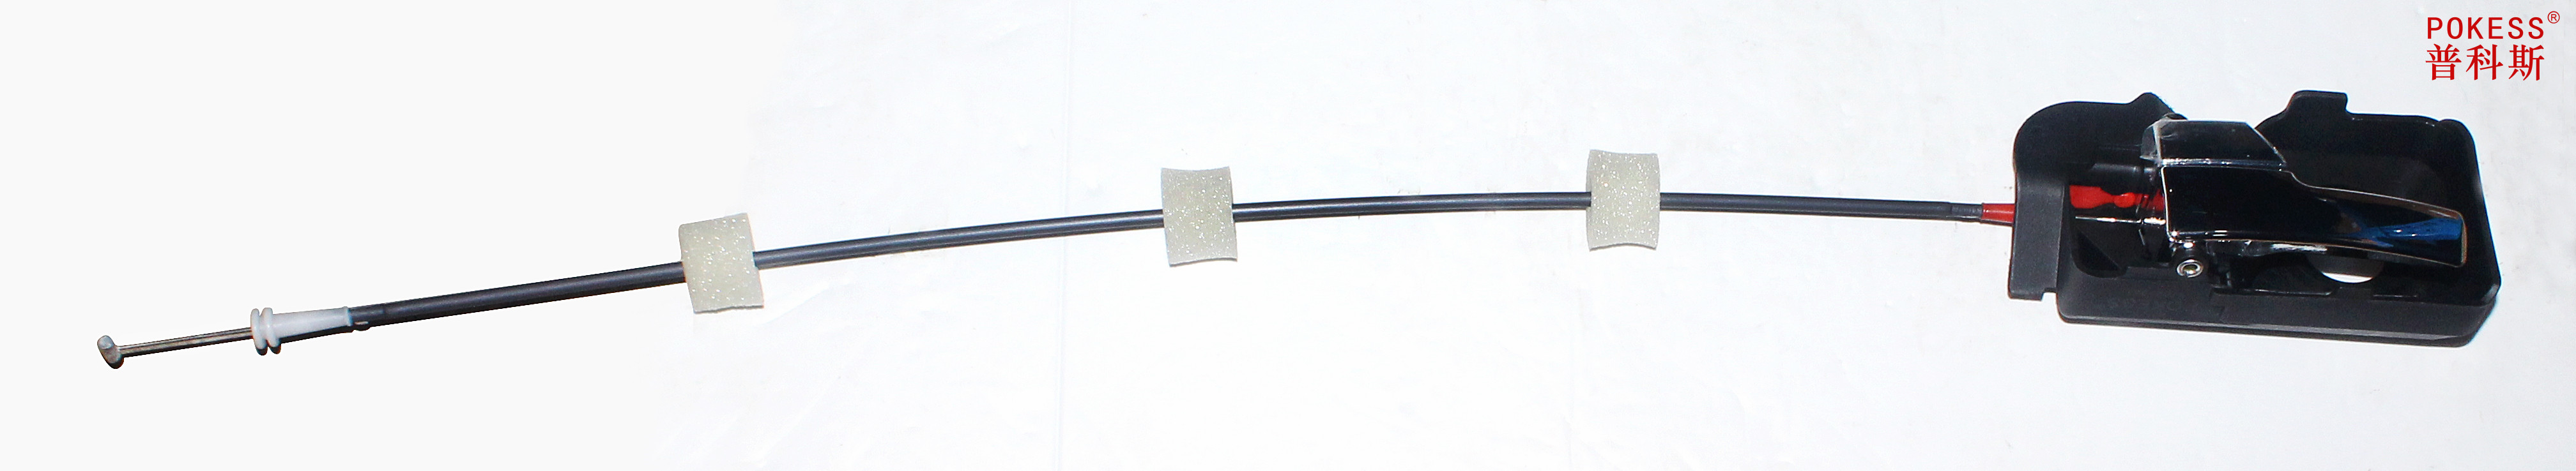 内拉手 L C 电镀(图2)